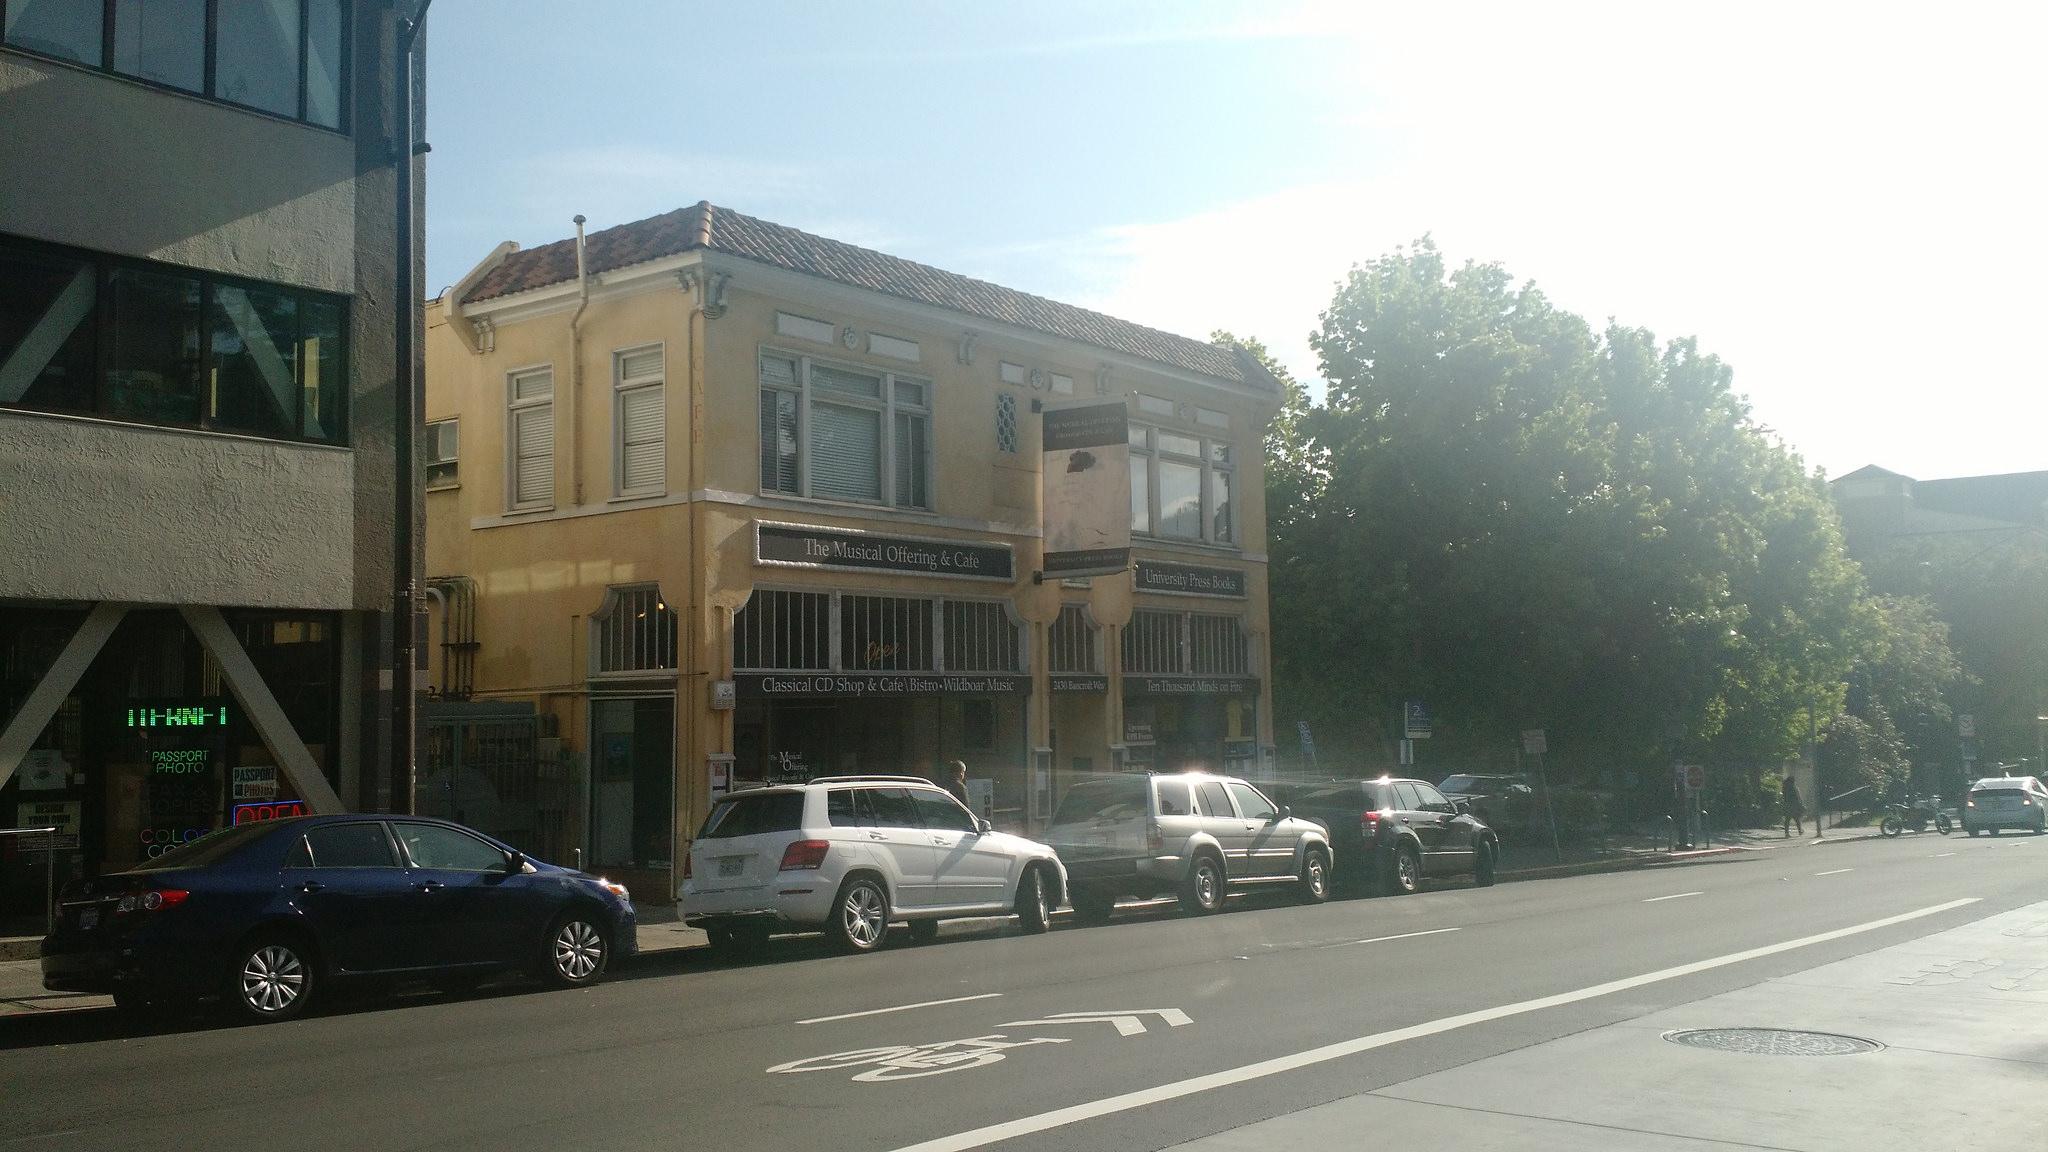 Lindgren S Coffee Cafe Berkeley Ca